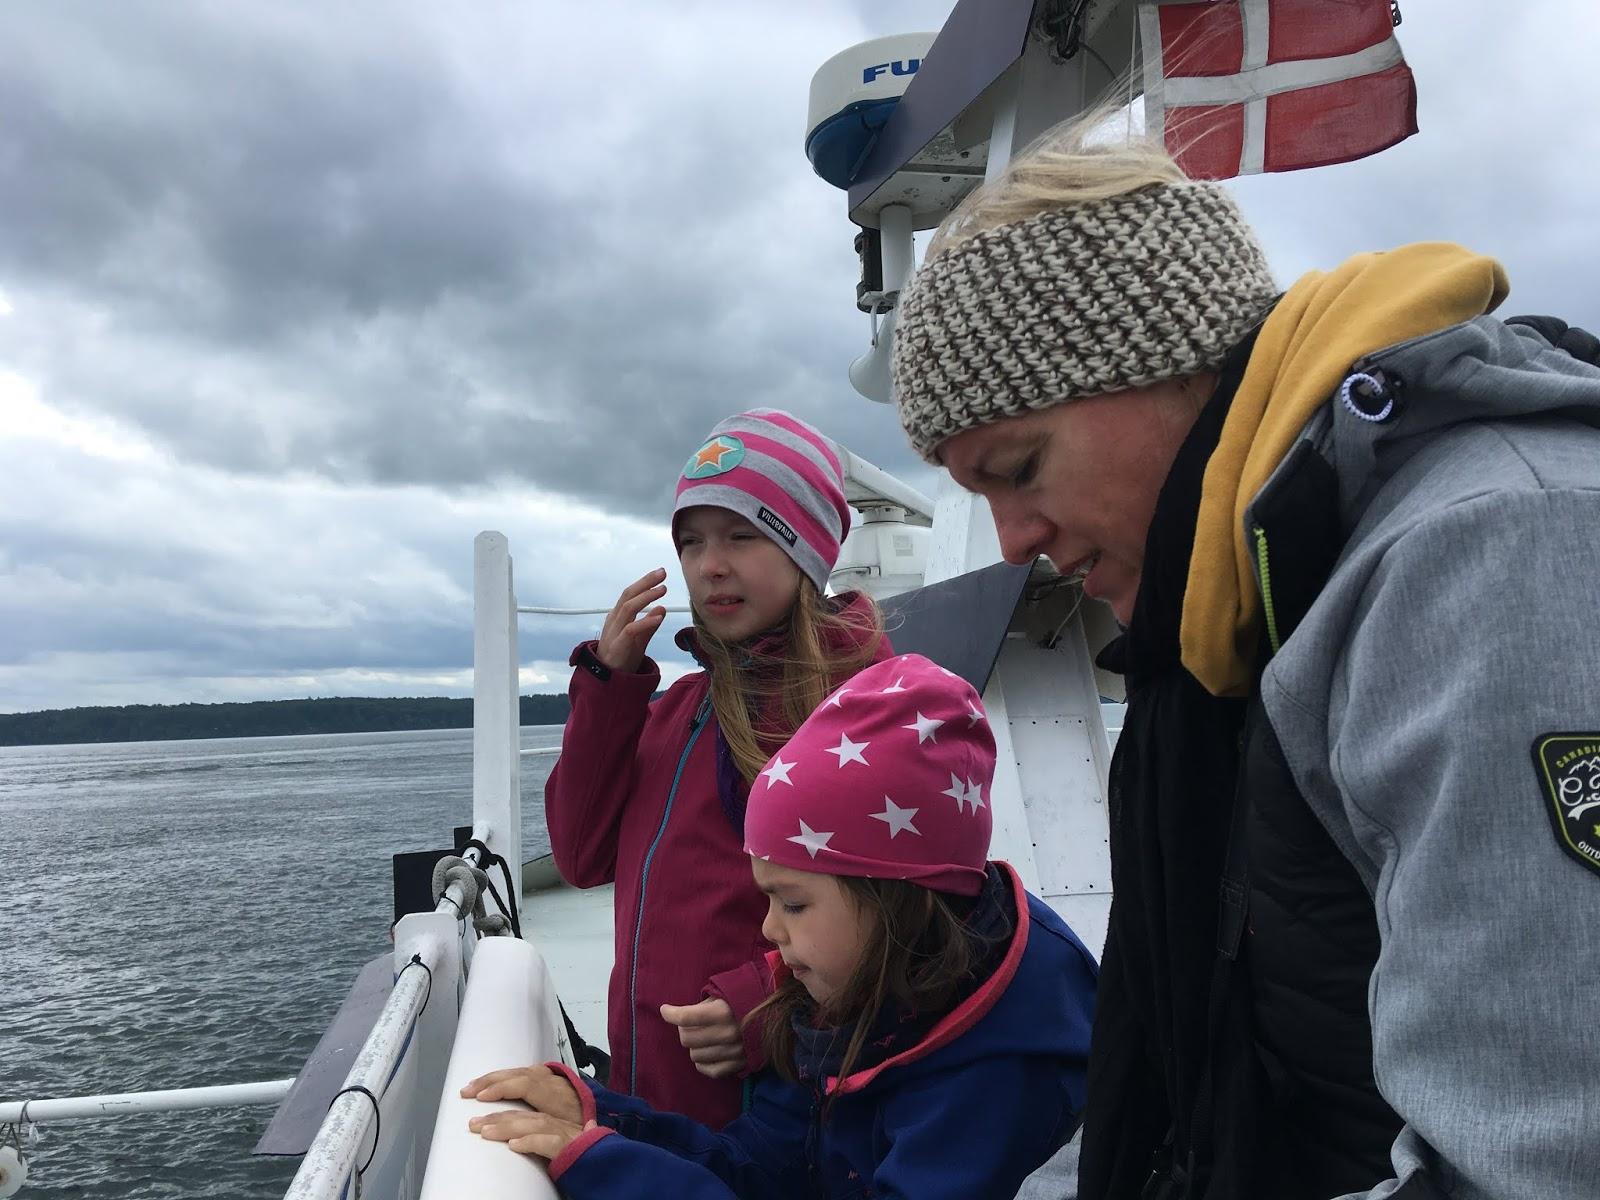 Familienreise am Kleinen Belt